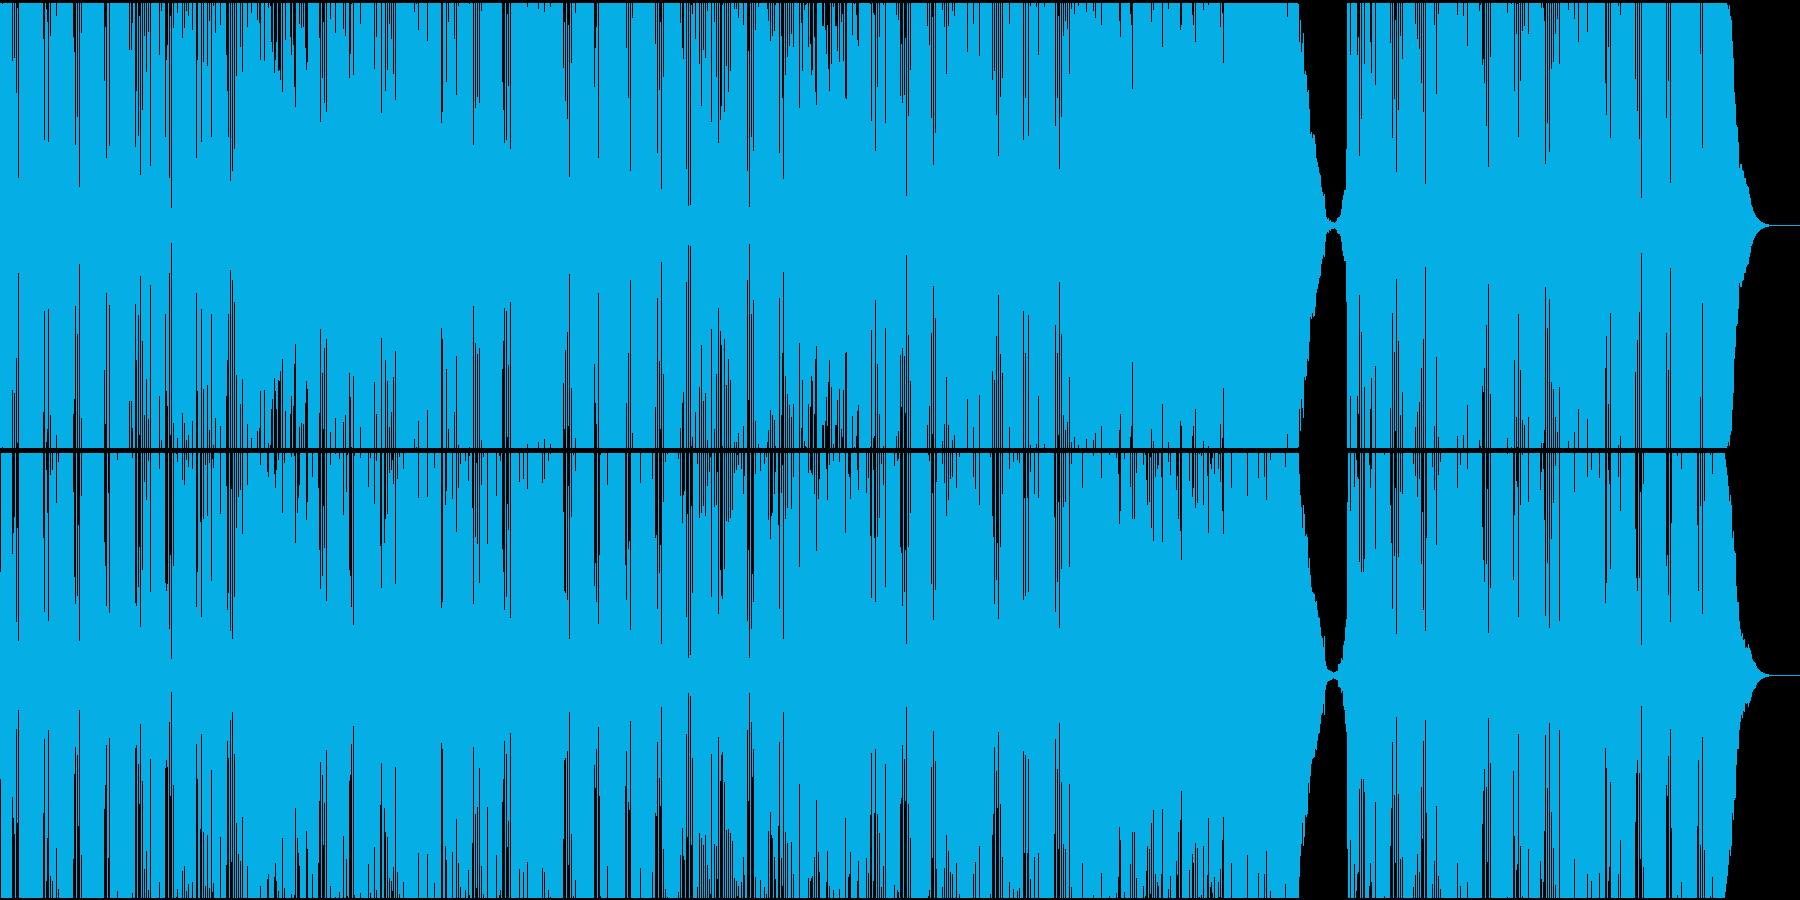 爽やかでパワフルな明るいバンドサウンドの再生済みの波形